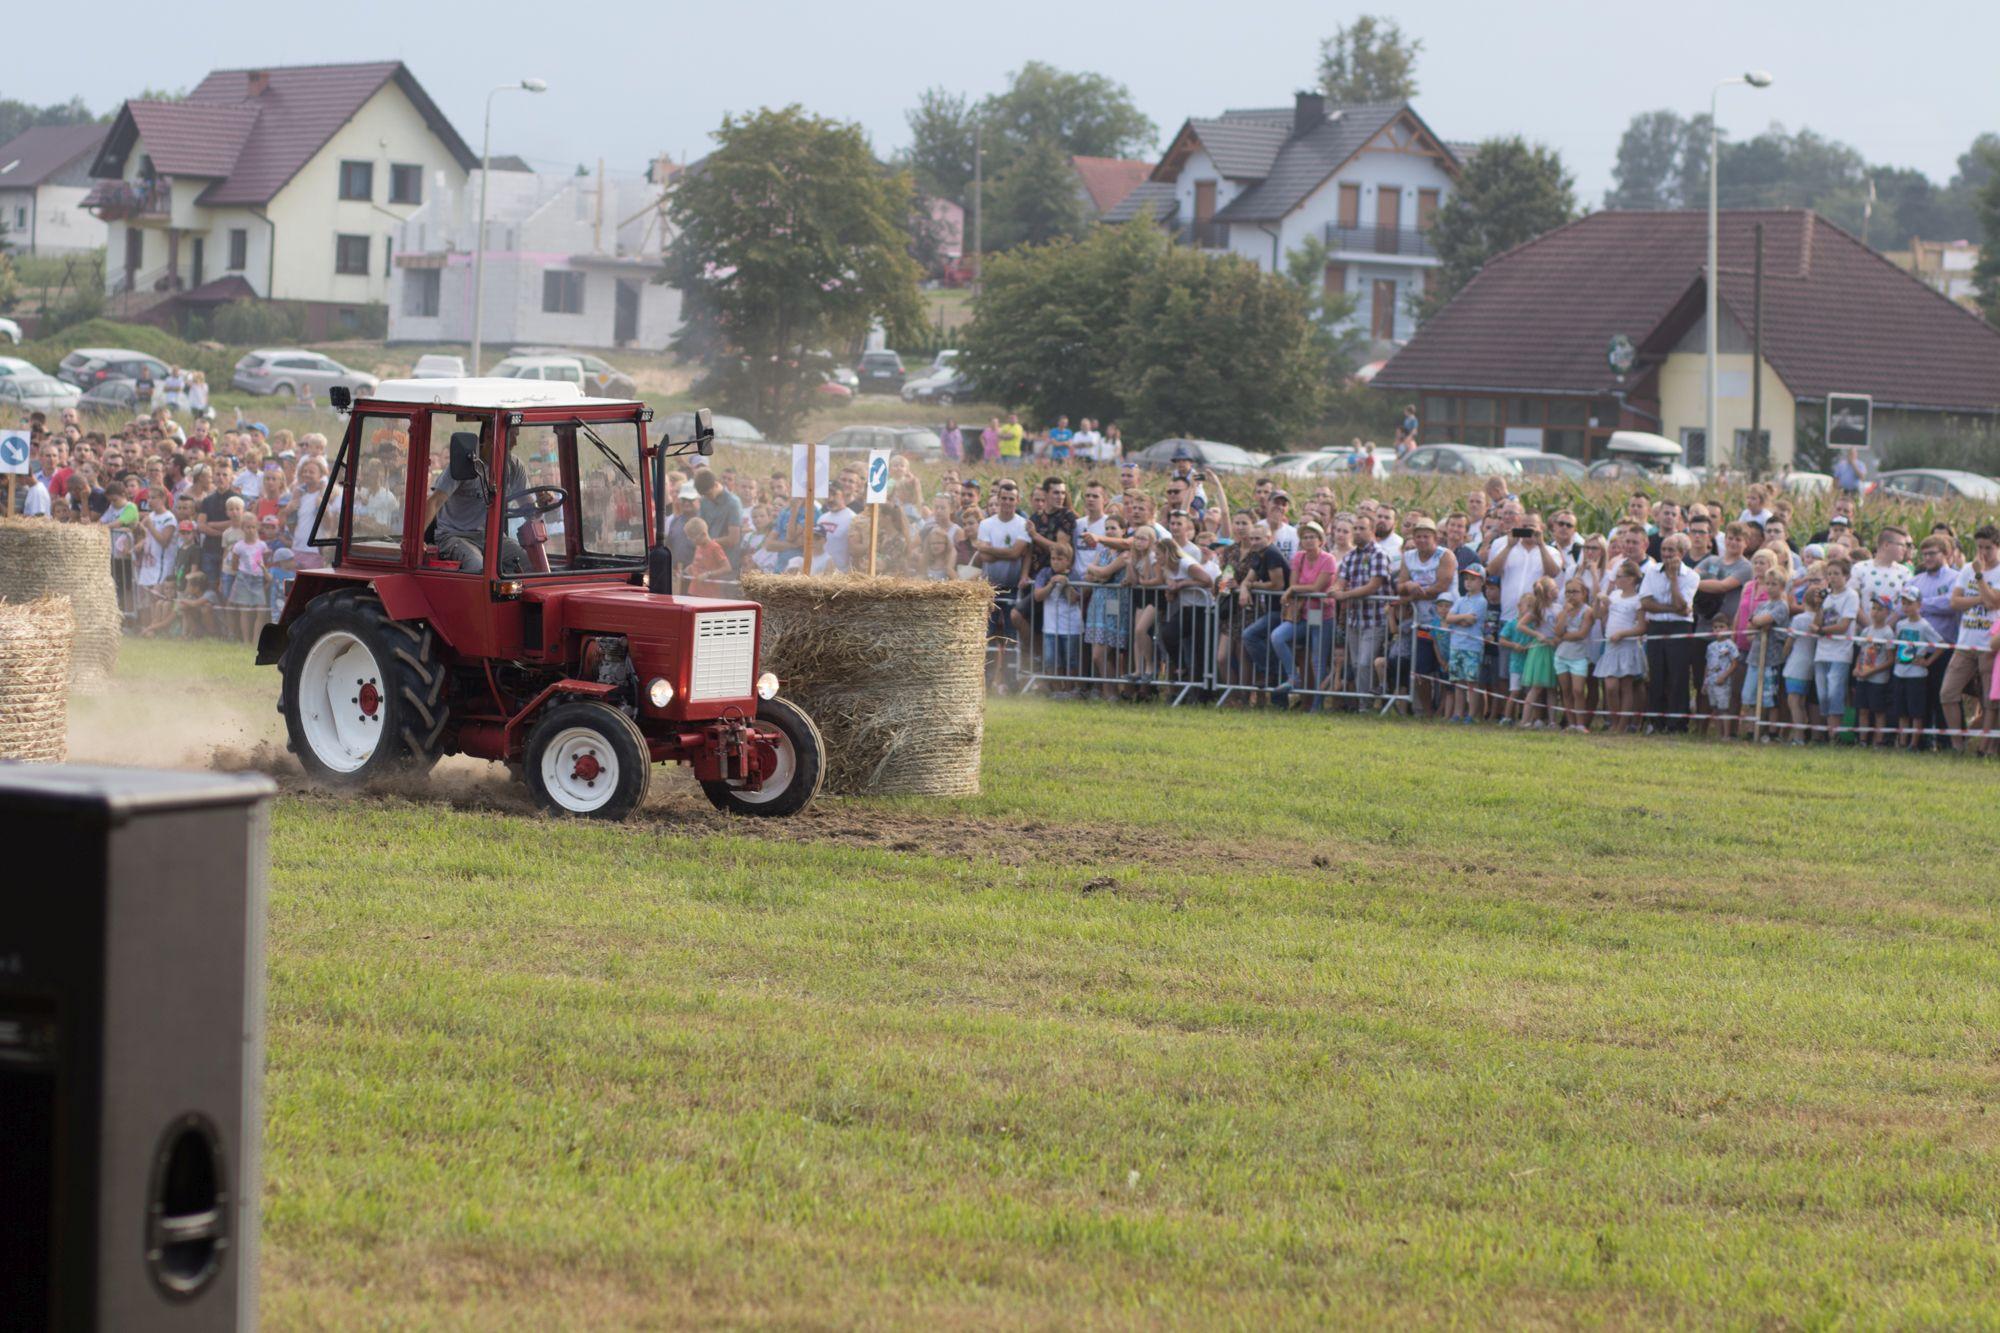 Kolejna edycja wyścigów traktorów podczas dożynek. Tak było [FOTO, VIDEO]